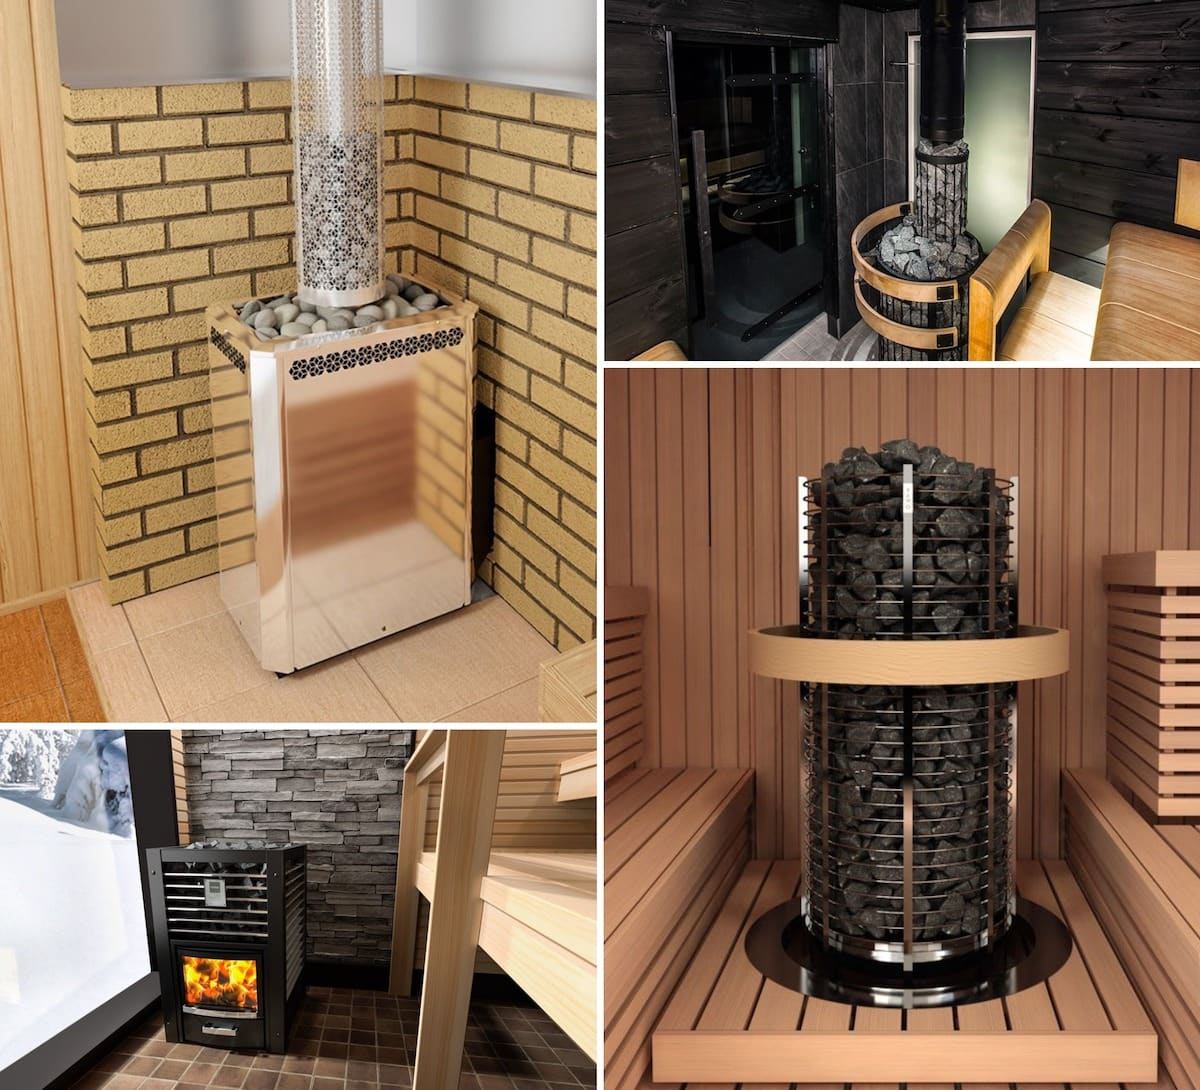 Le poêle de sauna de type ouvert convient aux amateurs de températures élevées dans le hammam avec une faible humidité.